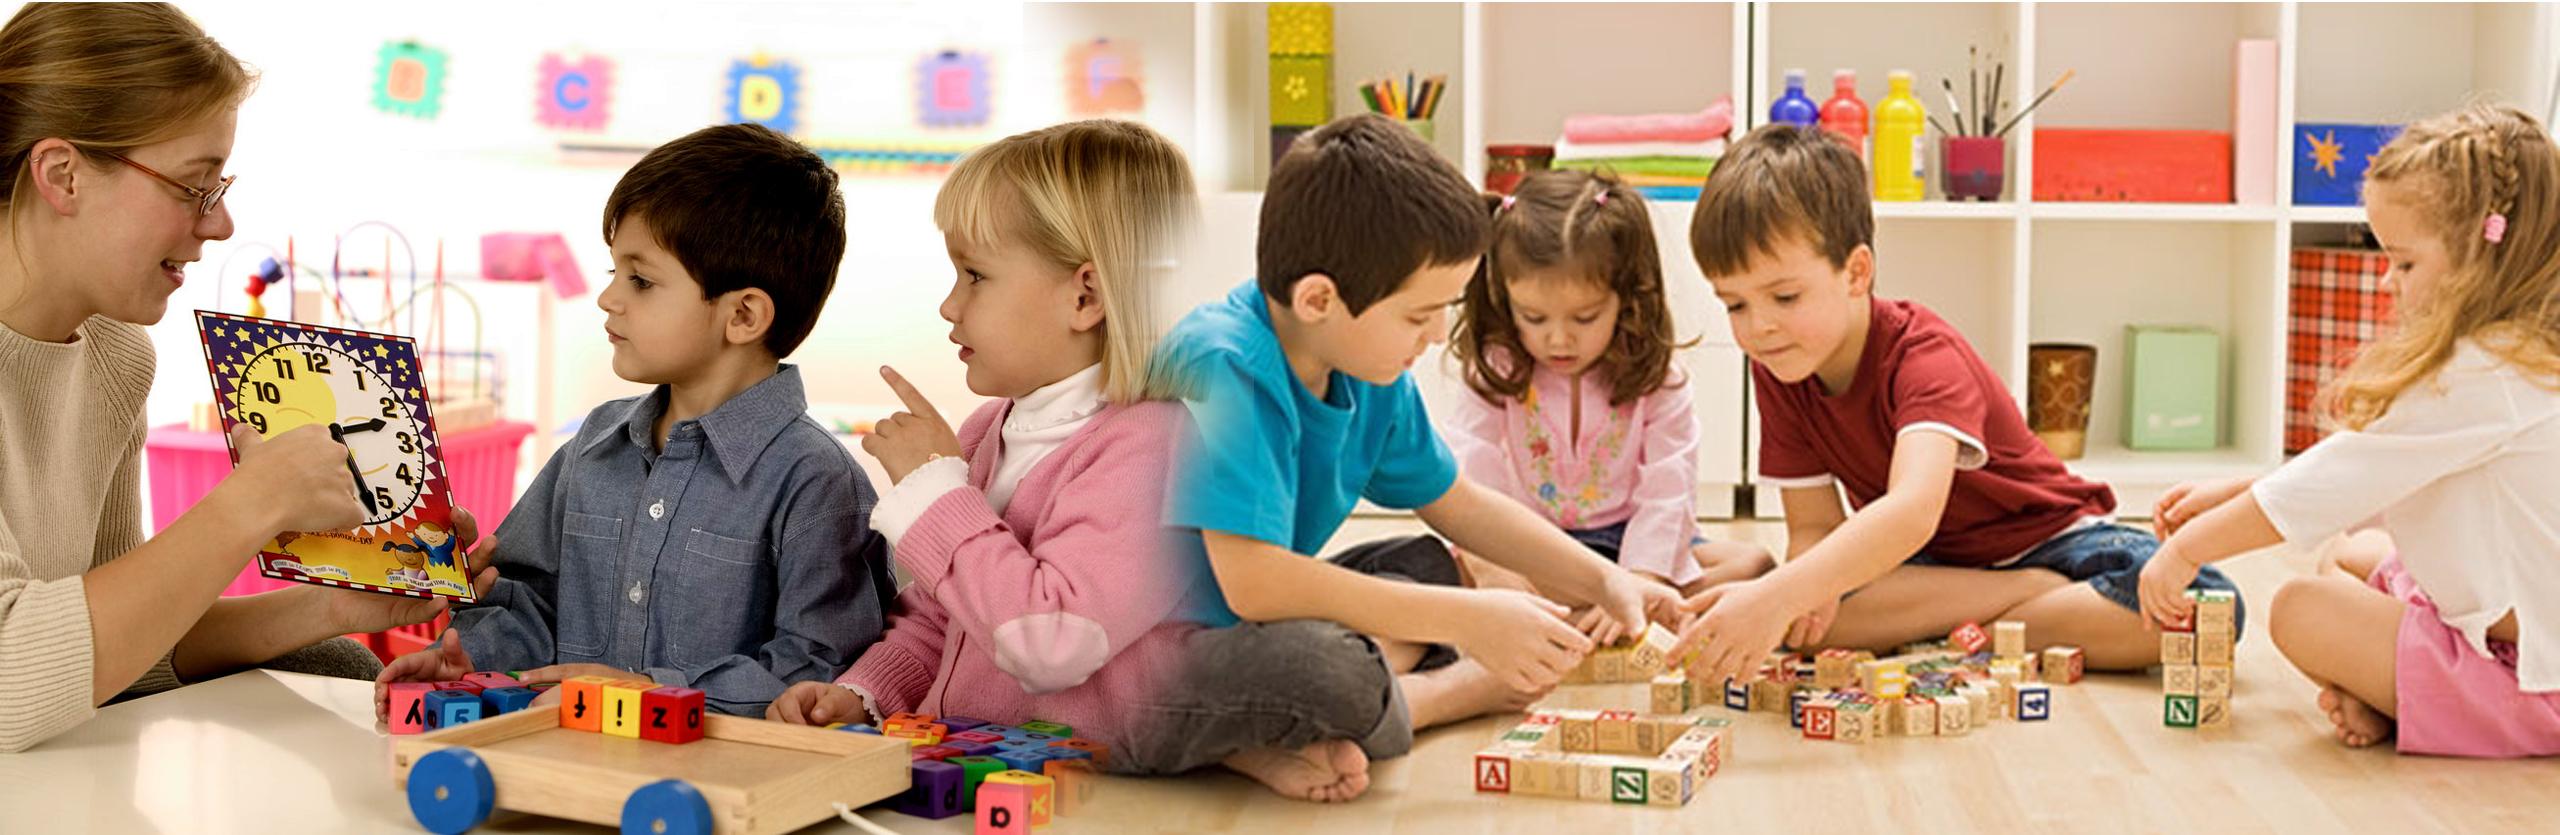 El v nculo educativo en la primera infancia reflexiones for Que es jardin de infancia